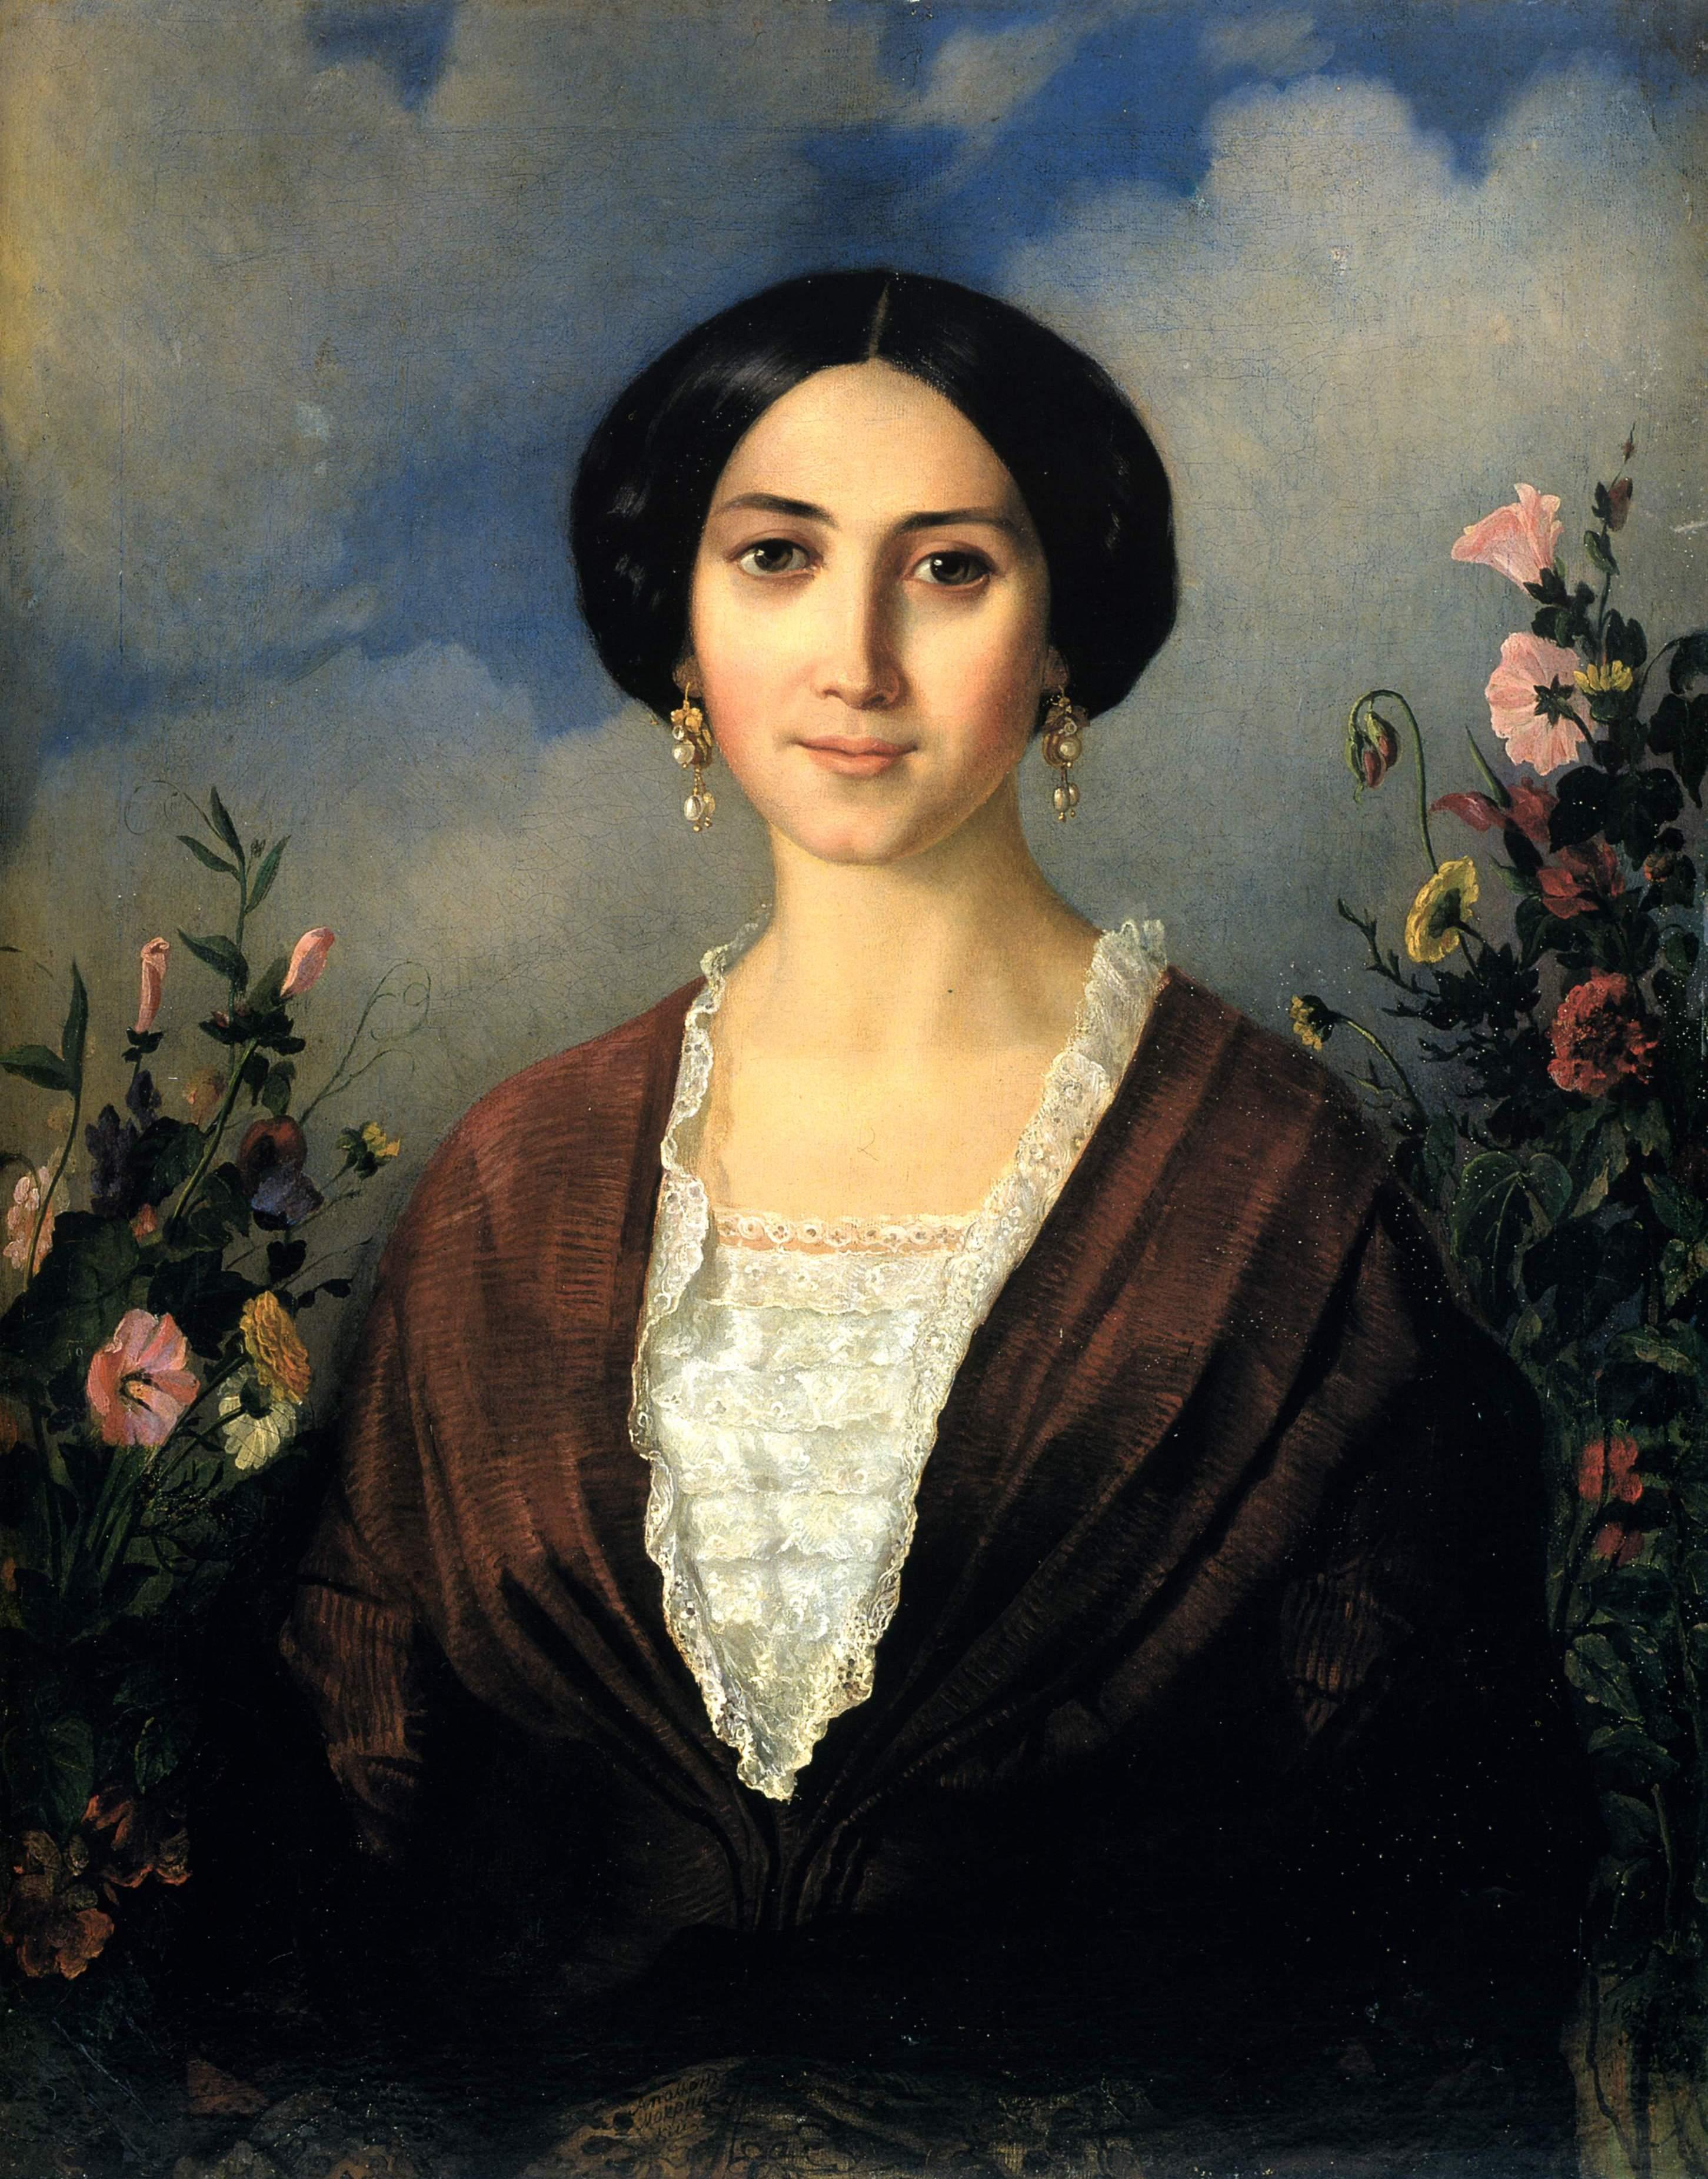 Мокрицкий. Портрет Марии Александровны Мокрицкой, жены художника . 1853